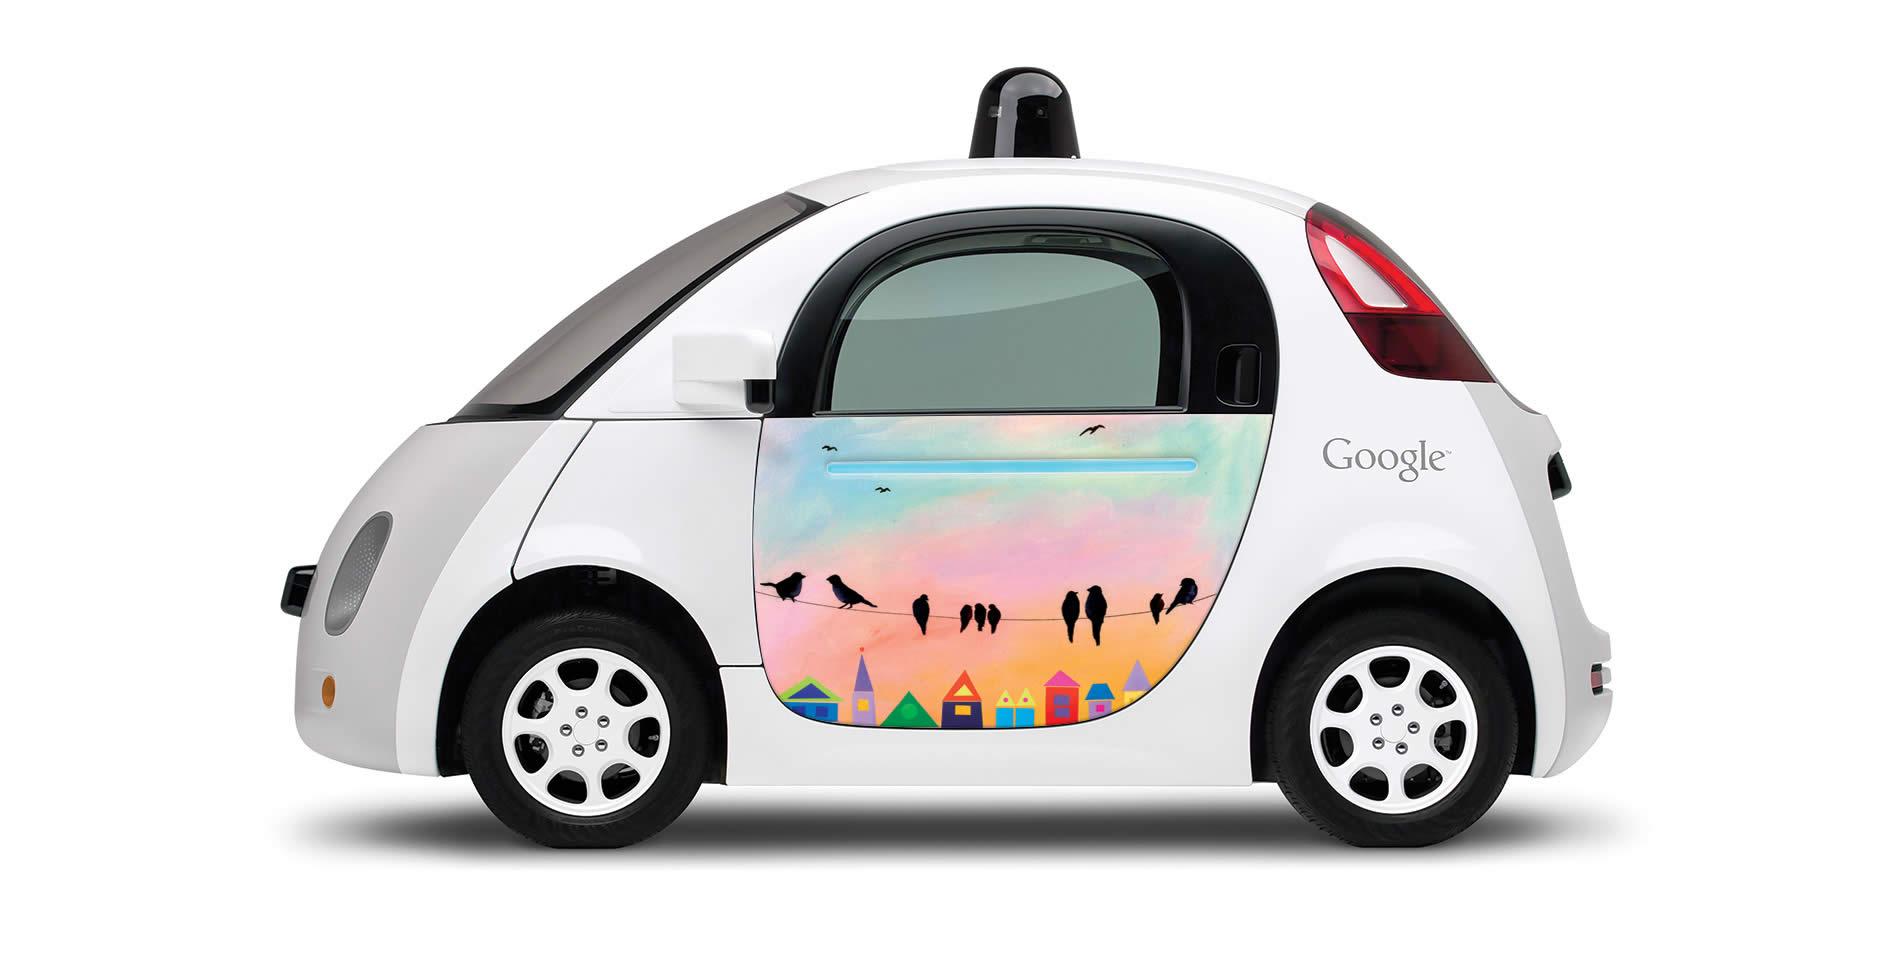 Googles selvkjørende biler har kjørt 16 000 mil uten å ha vært i en ulykke.